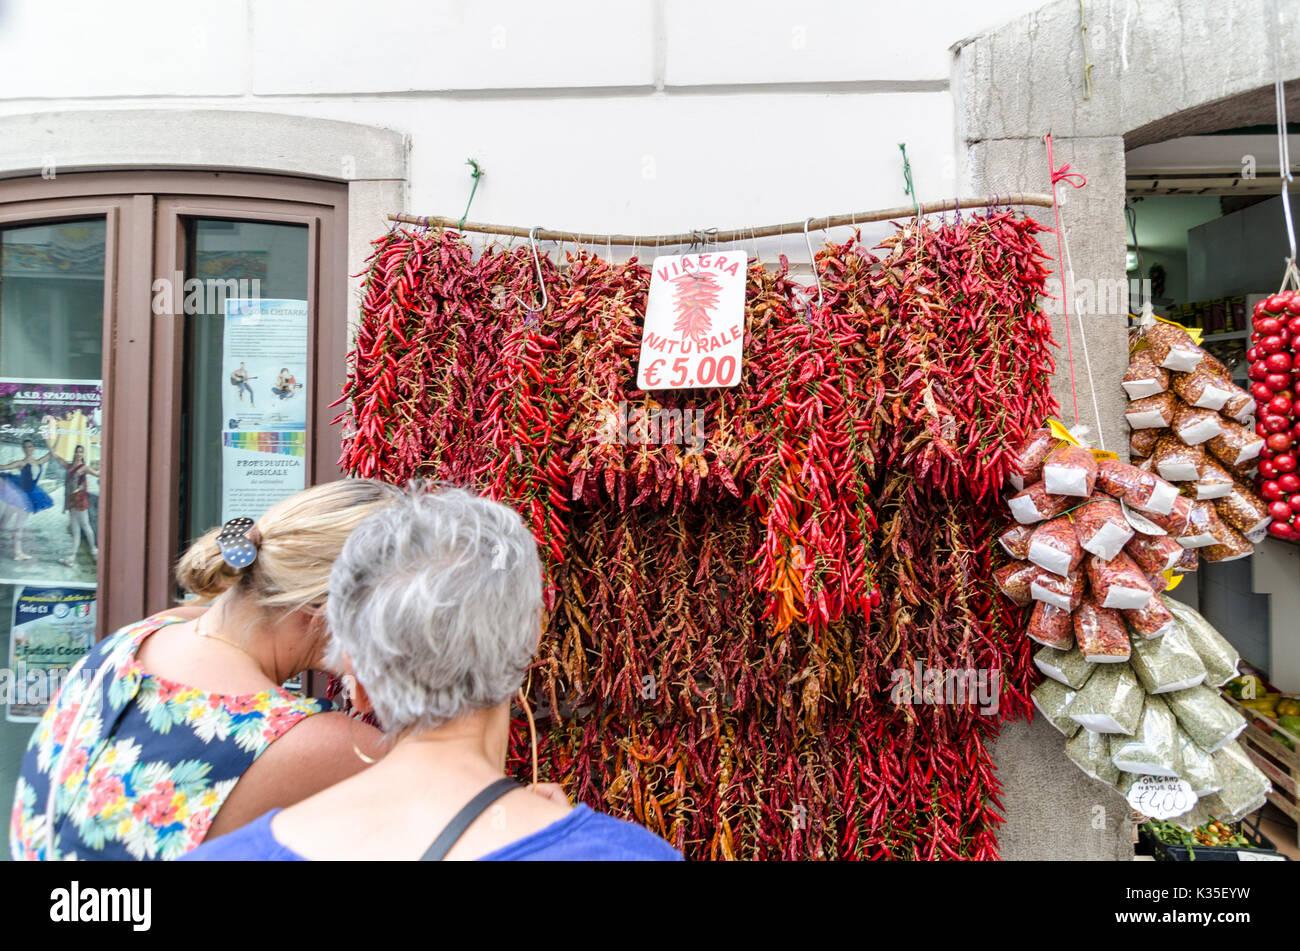 54e43cdfaee1b0 Zwei Frauen an der getrocknete und frische Chilis außerhalb einen Shop mit   natürliche Viagra